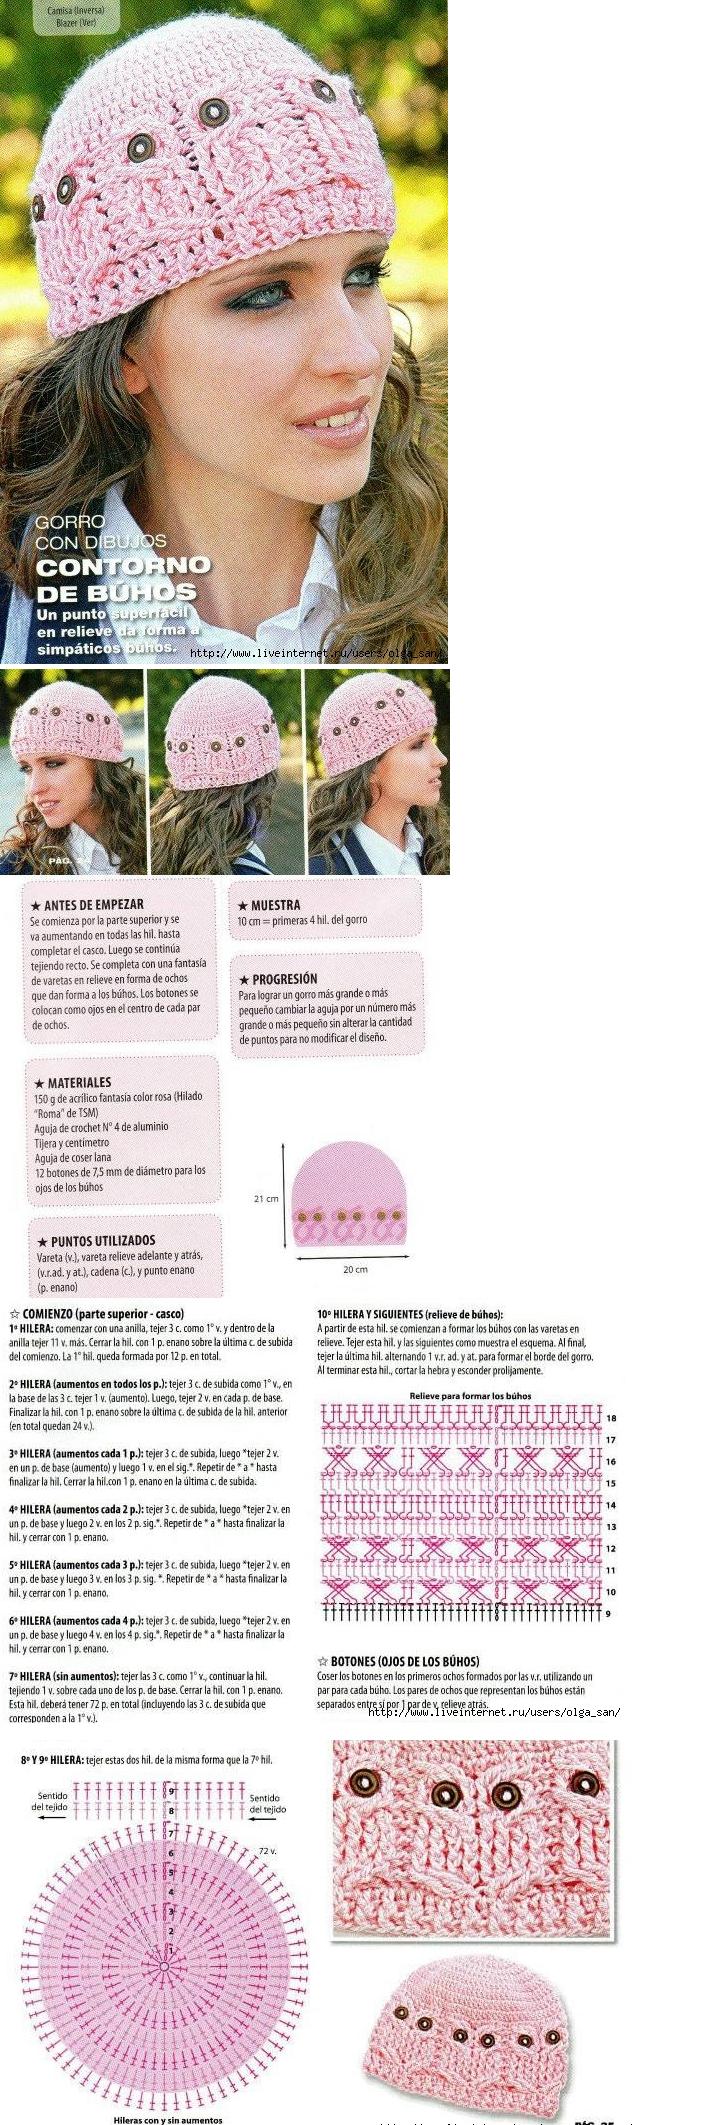 Gorro de mussols | Patrones Crochet | Pinterest | Gorros, Tejido y ...